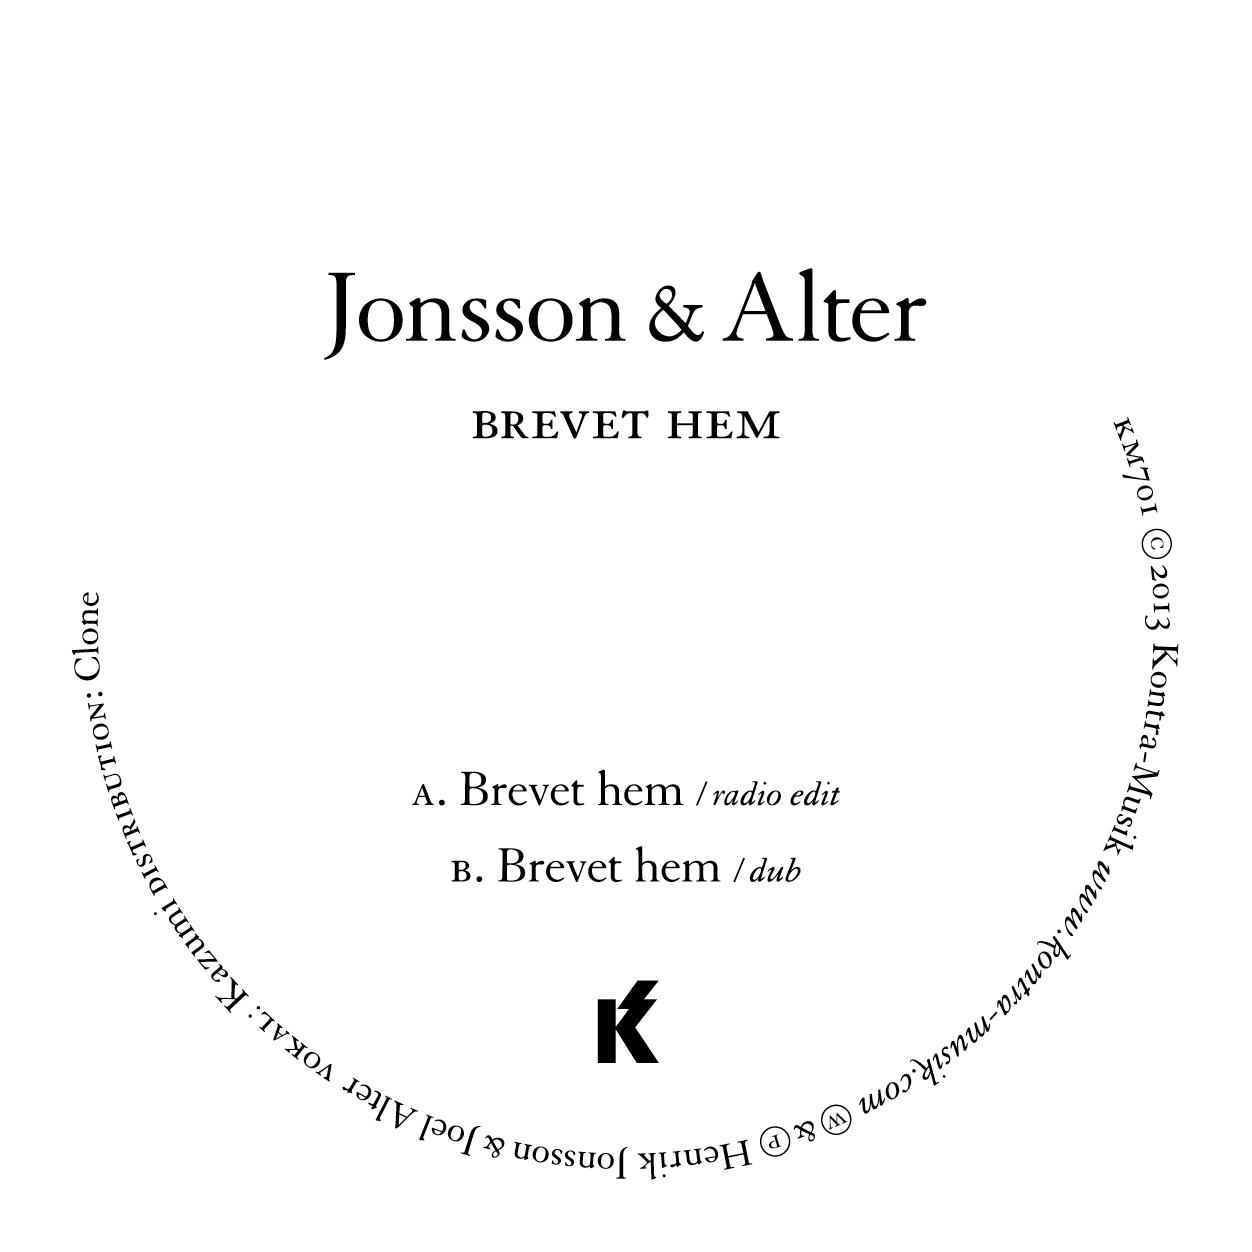 jonsson-alter-brevet-hem.png